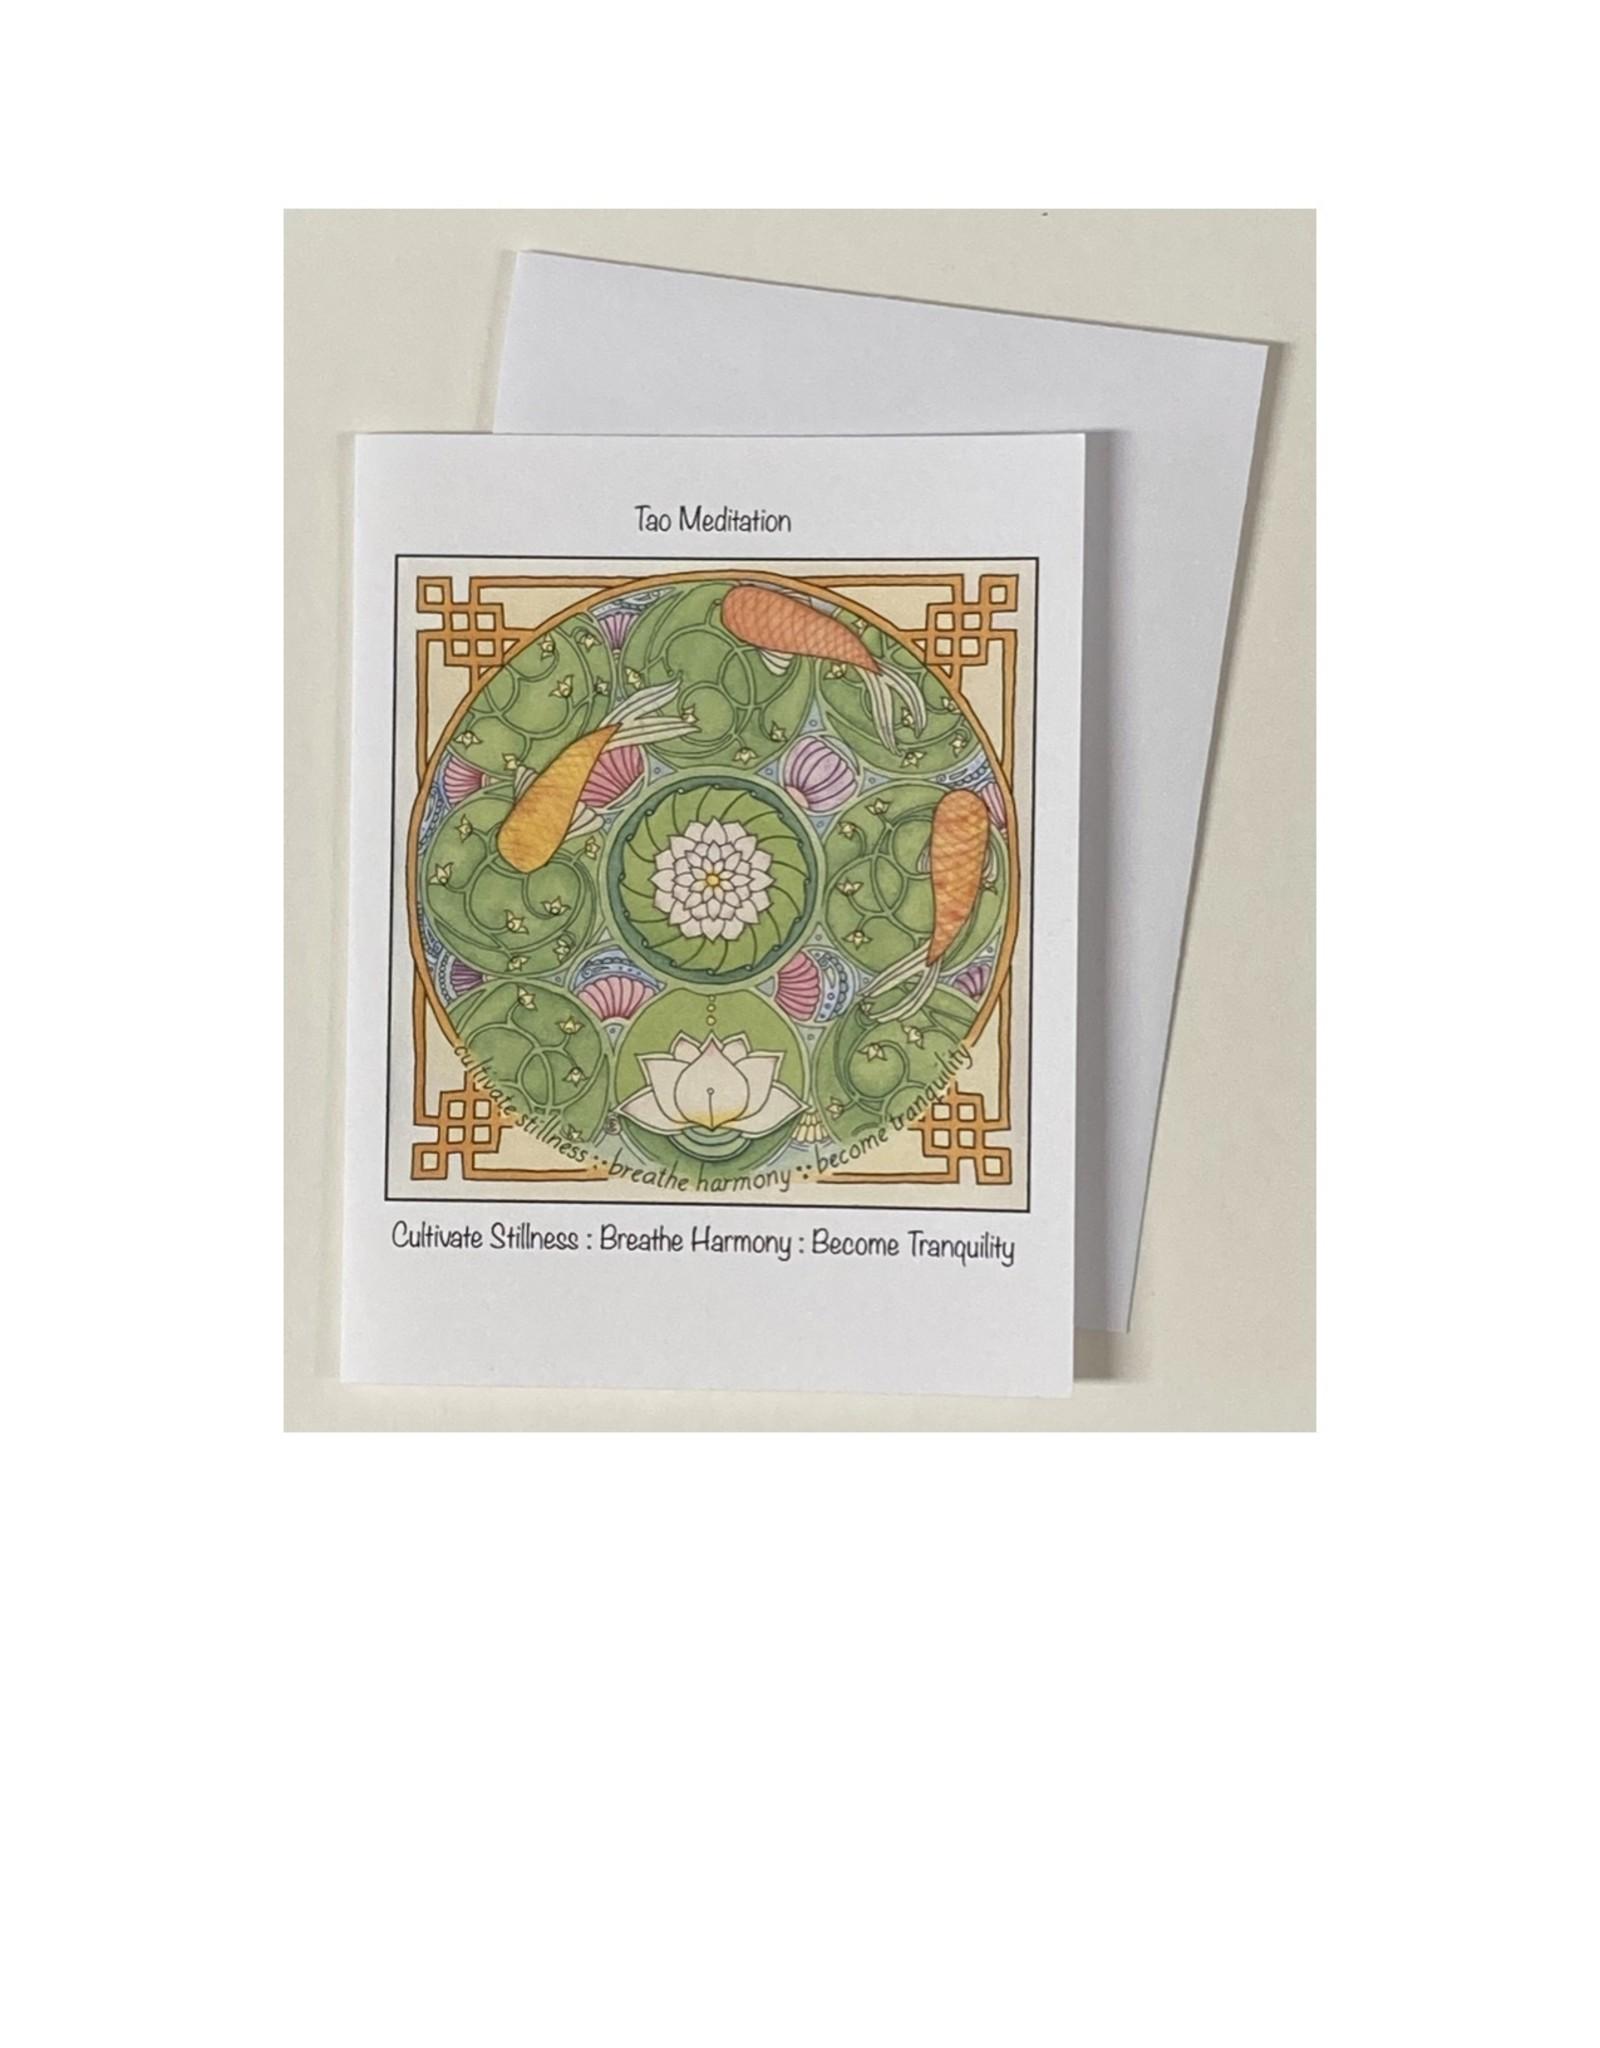 Kelly Casperson Tao Meditation notecard